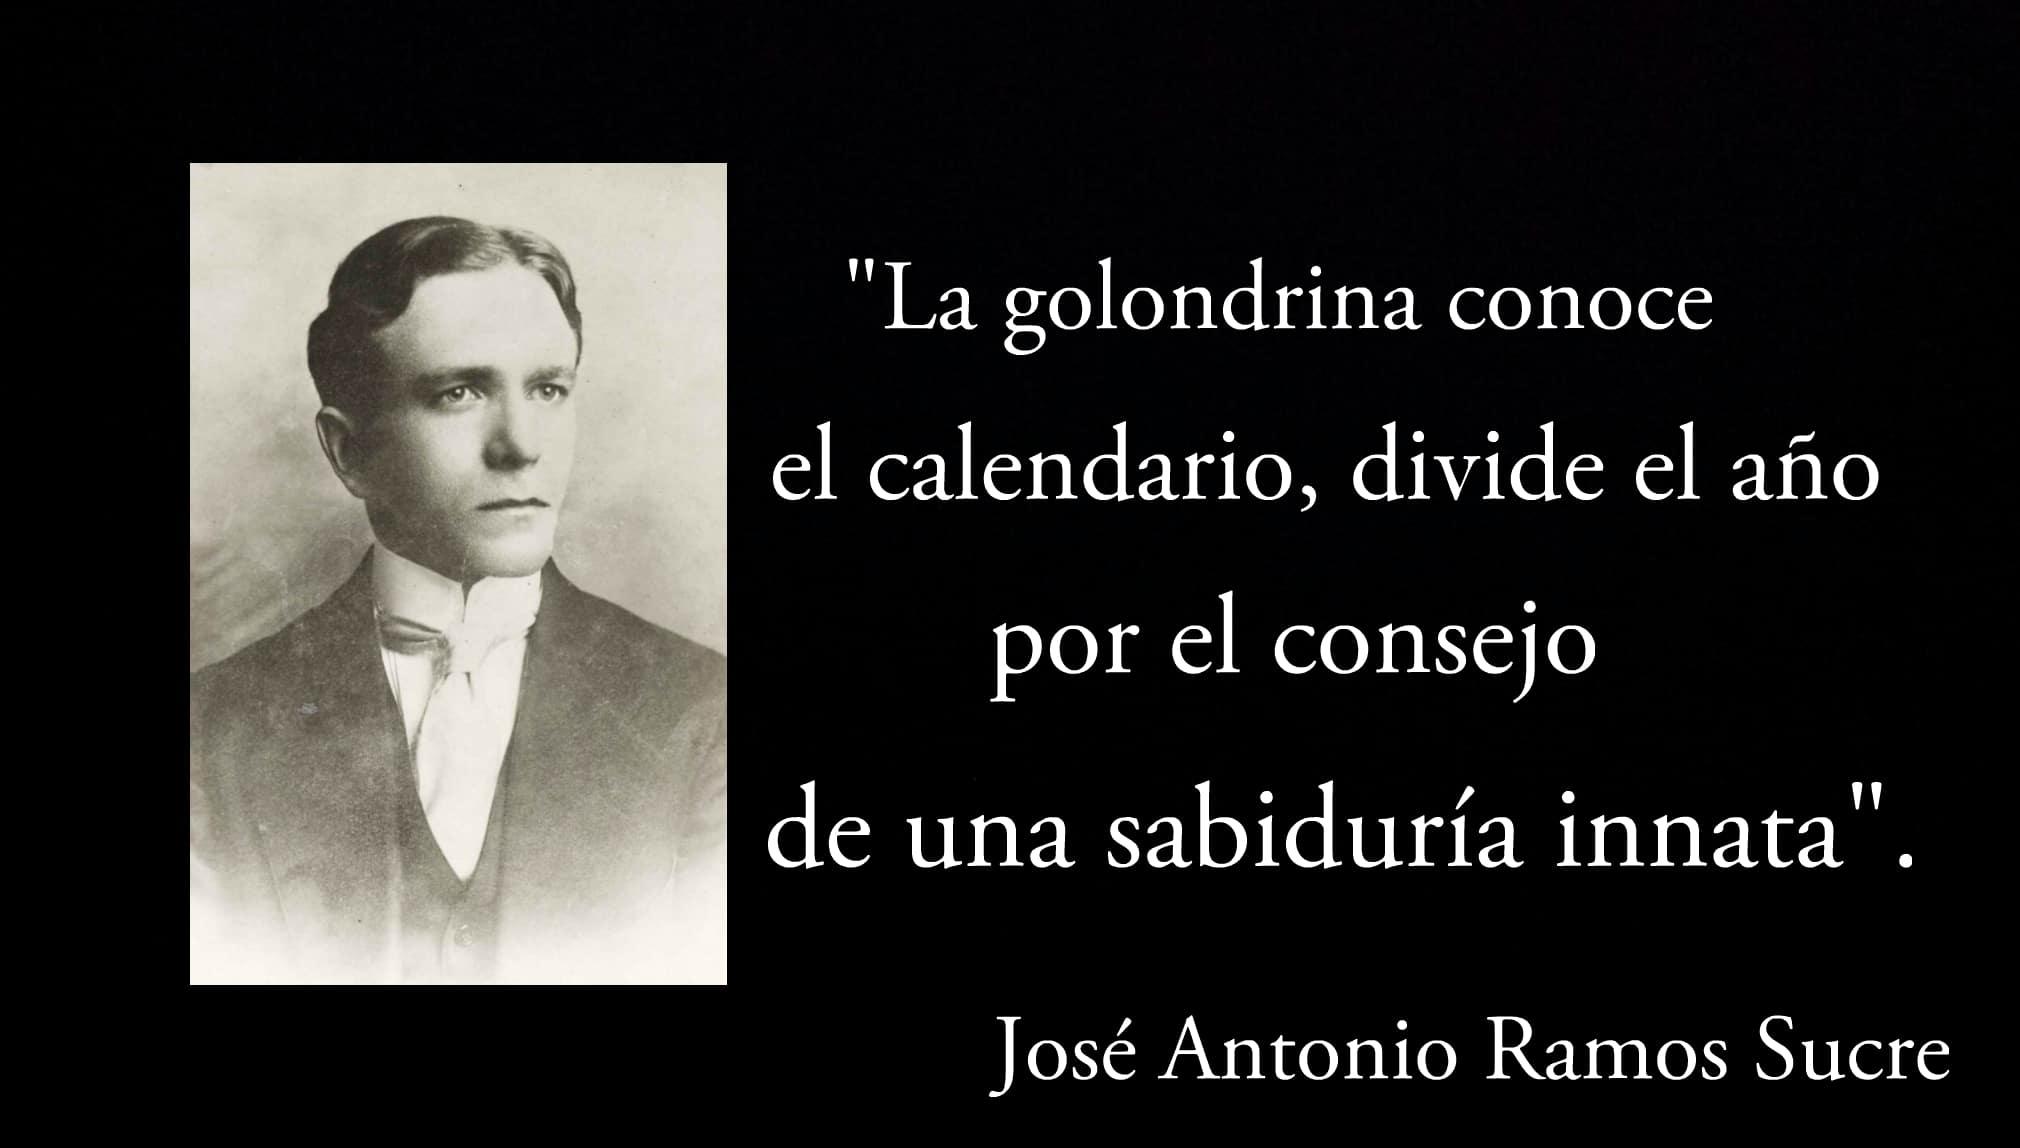 Frase de un poema de José Antonio Ramos Sucre.